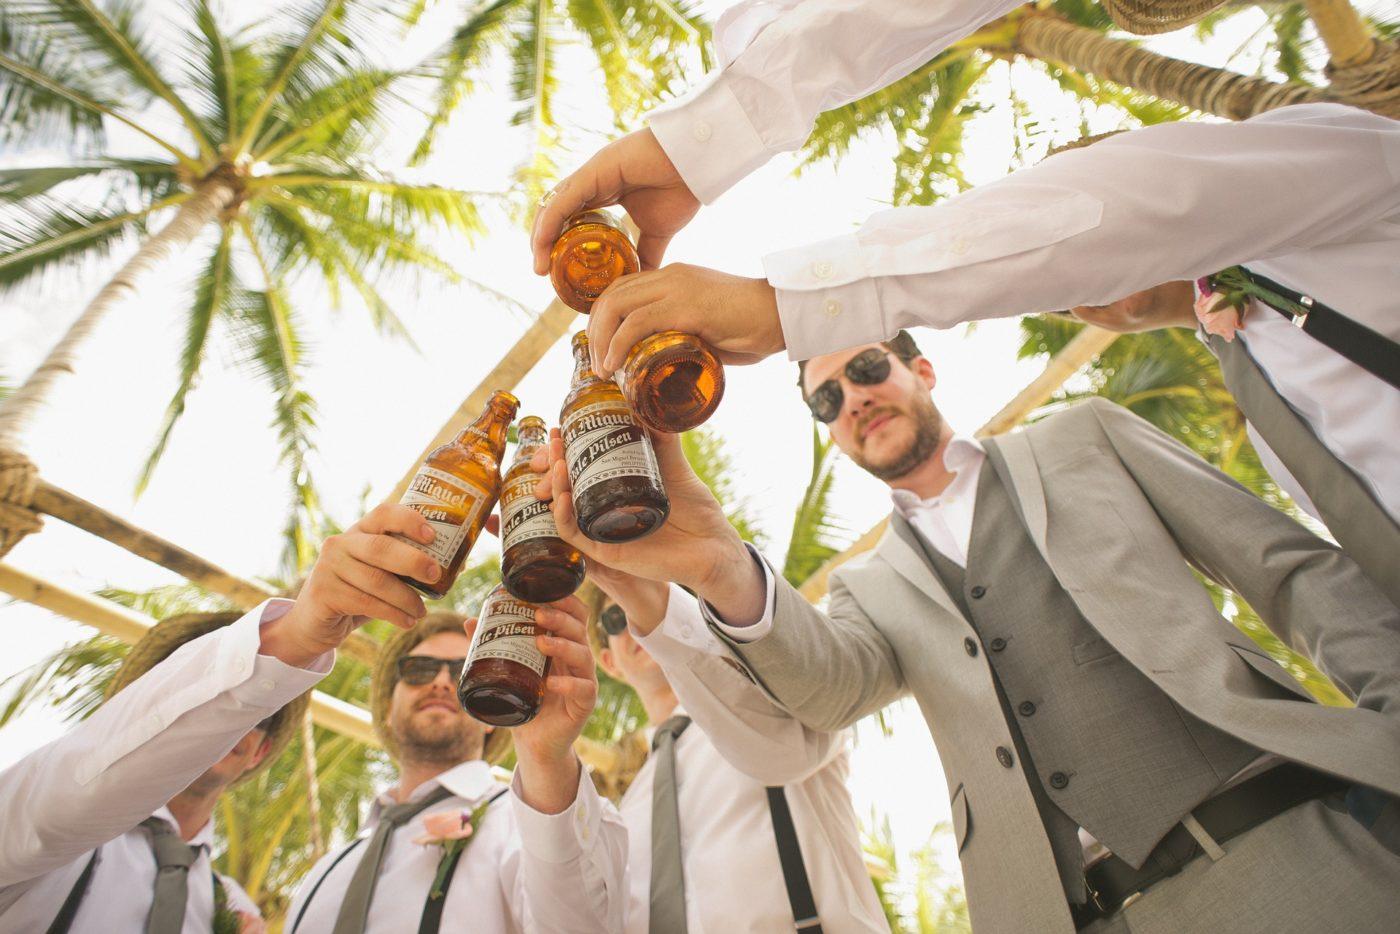 飲酒限度與短命有關,多國指導方針恐不安全